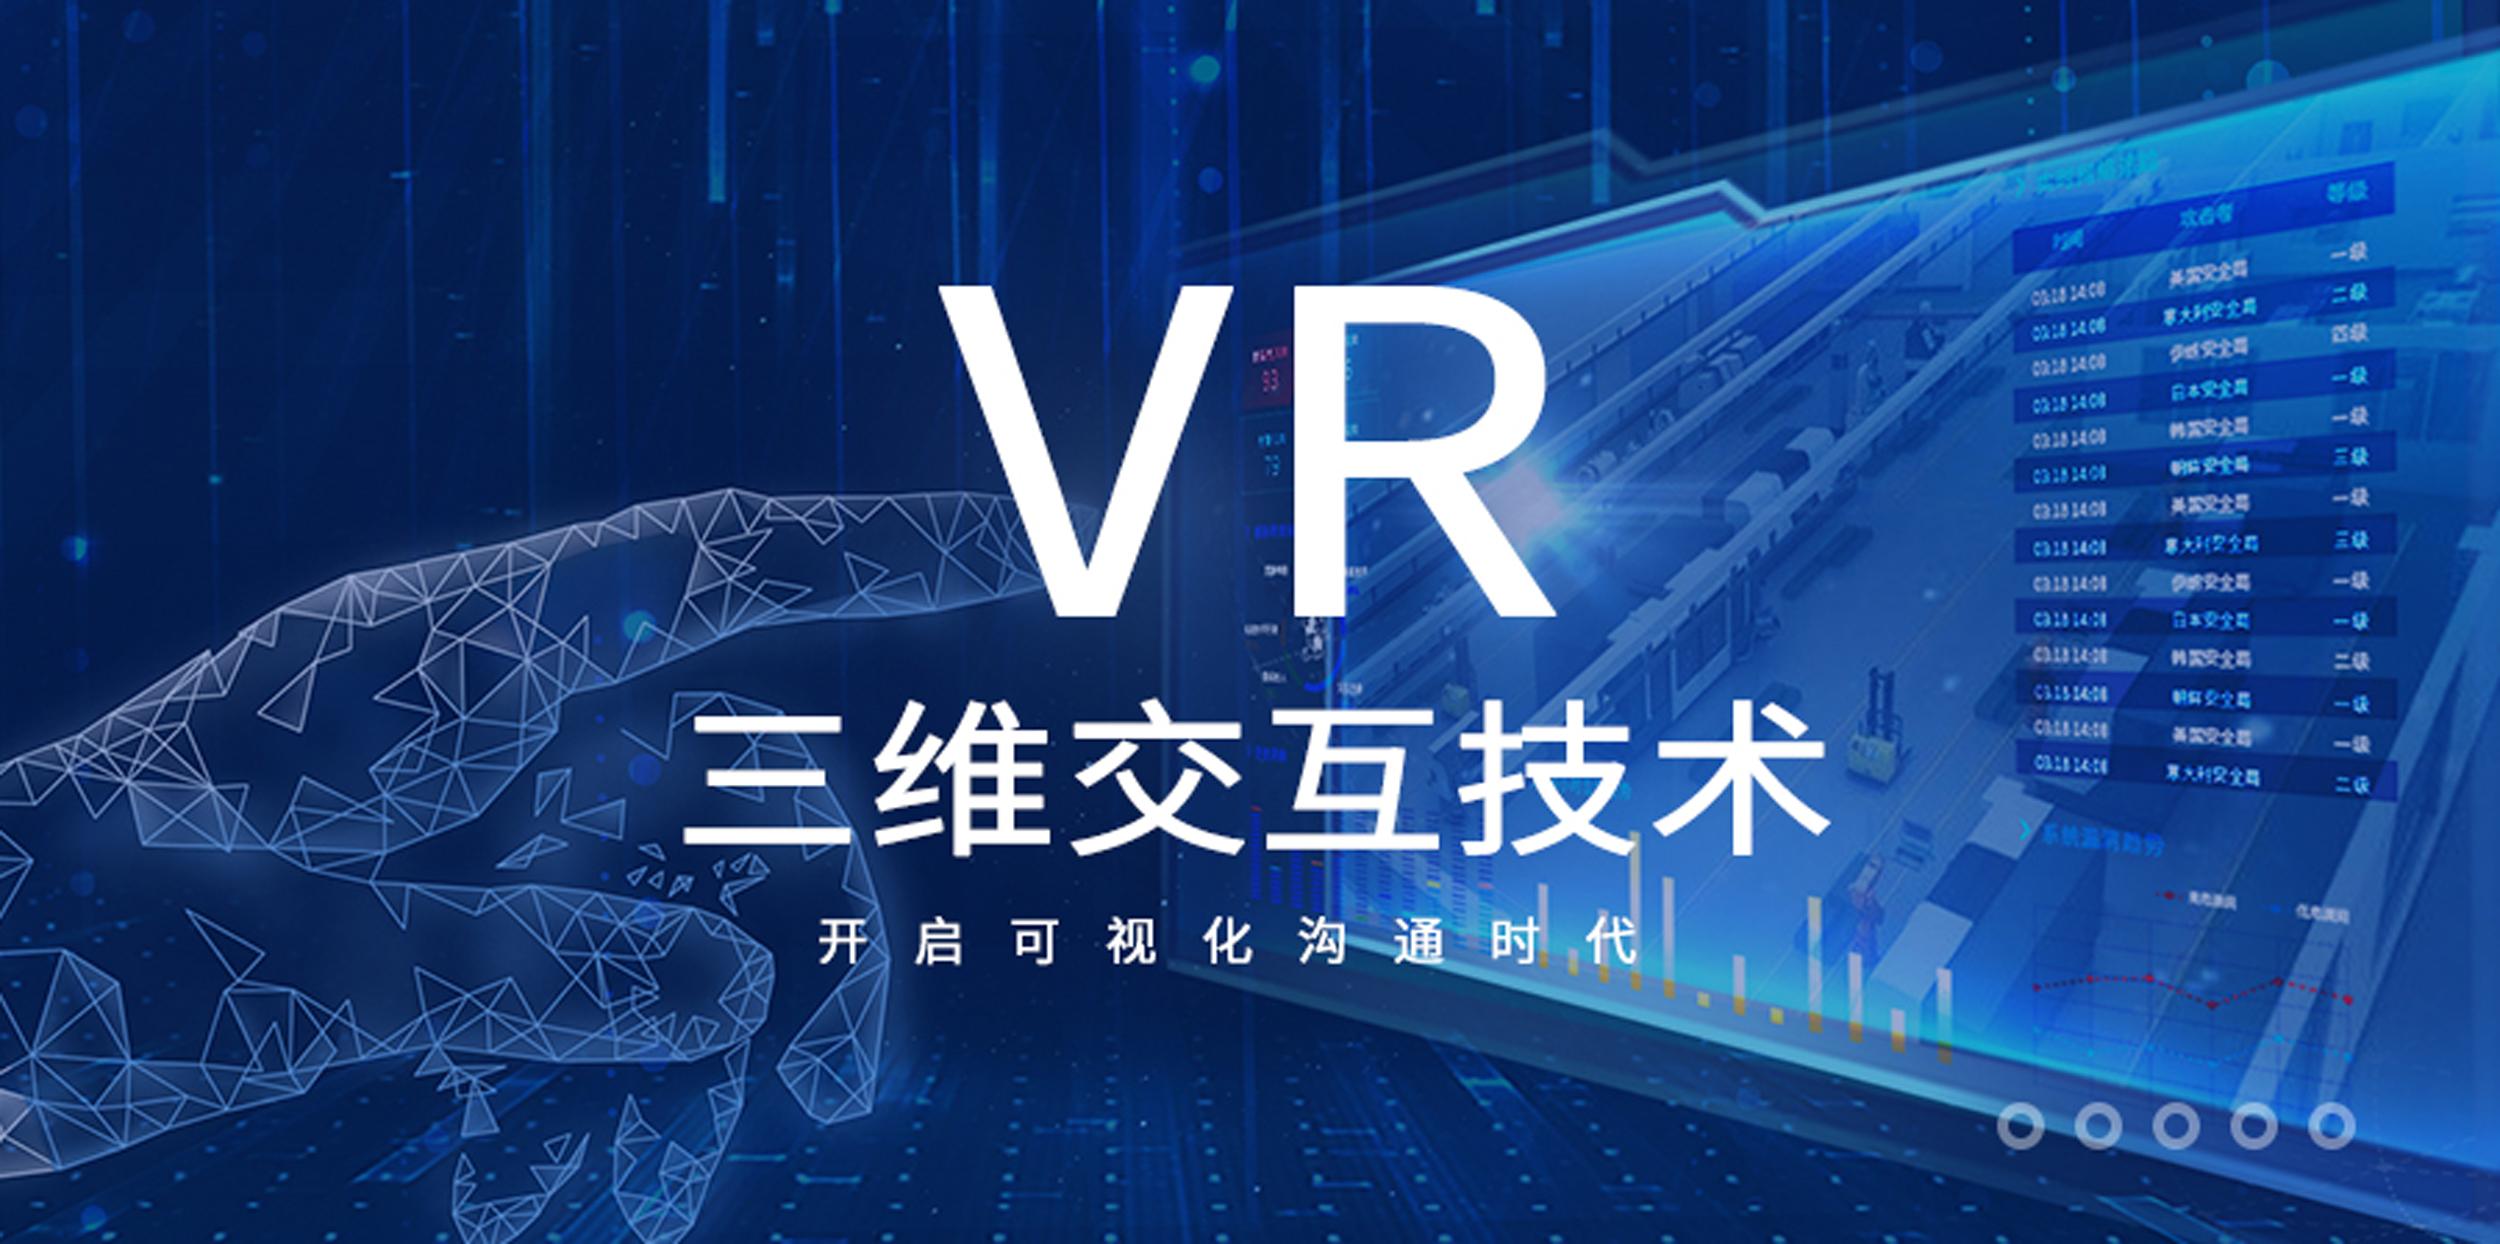 VR交互技术打破地域局限,开启沉浸式沟通时代